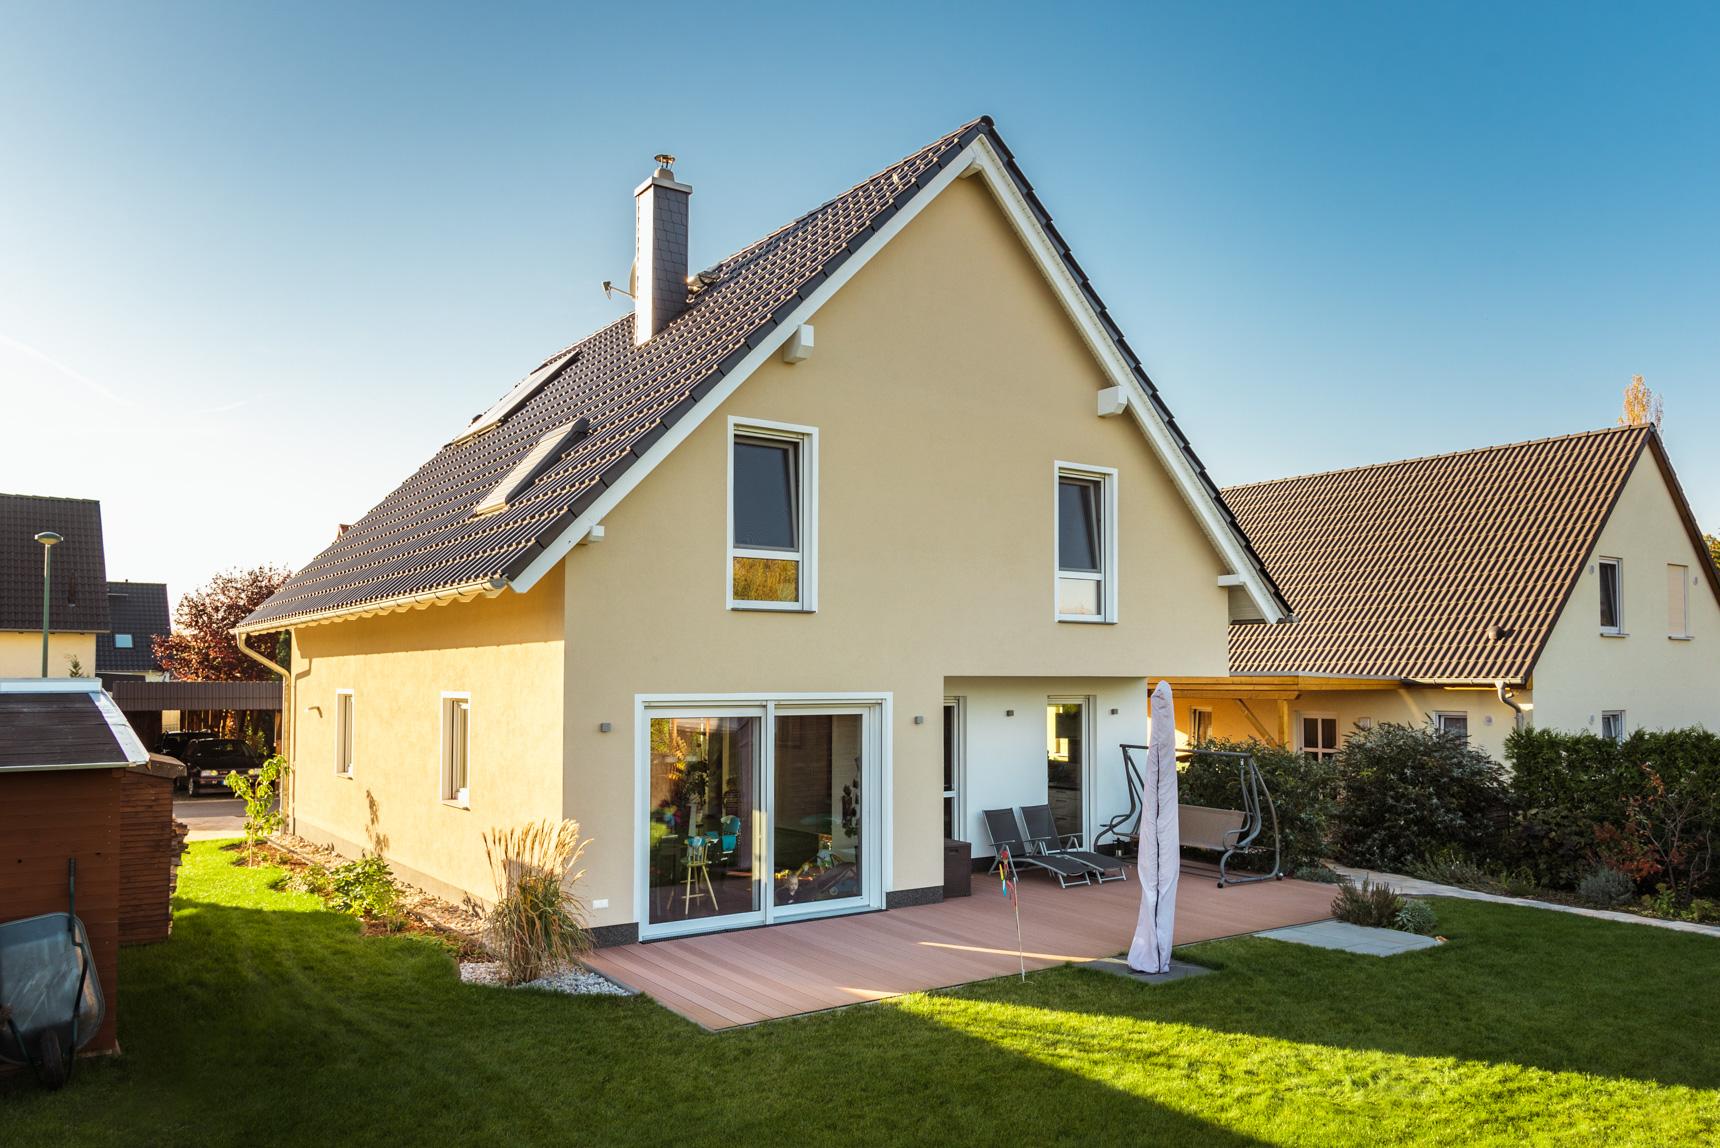 Einfamilien-Haus - Leipzig - Ausbau GmbH Liebertwolkwitz